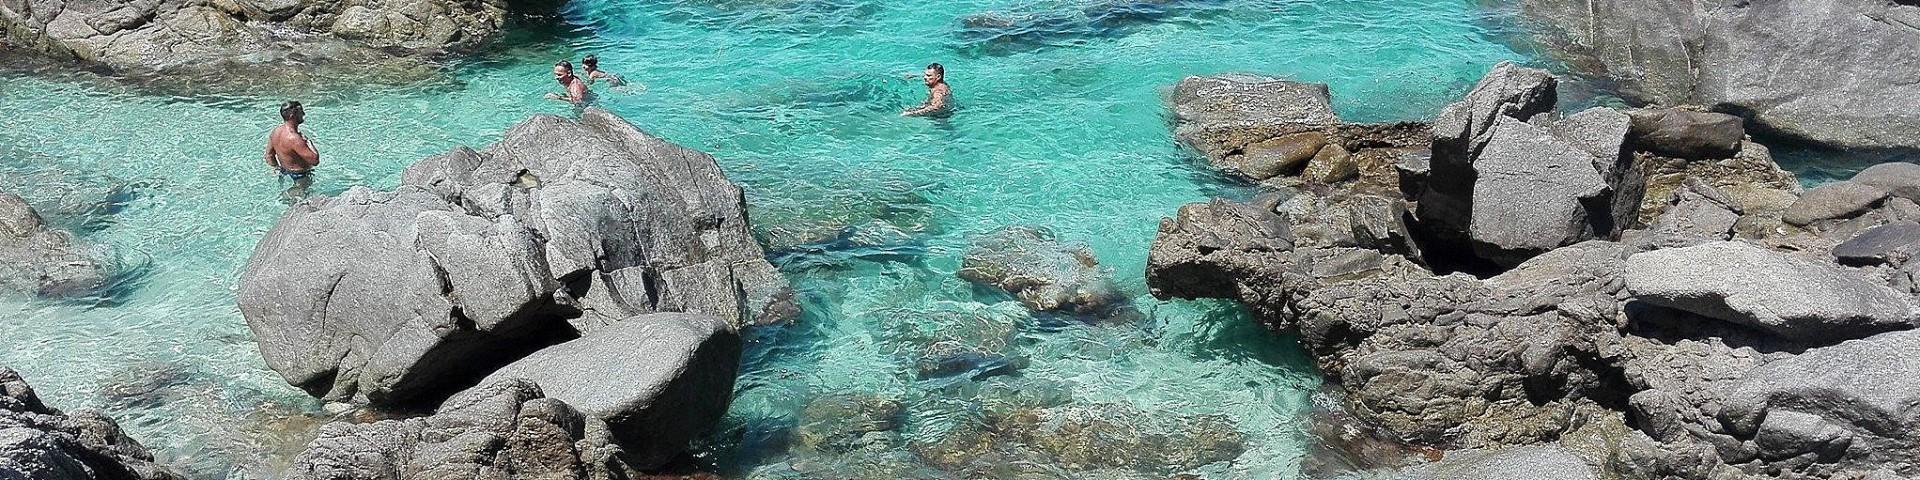 Parghelia, průzračná voda na pláži Michelino